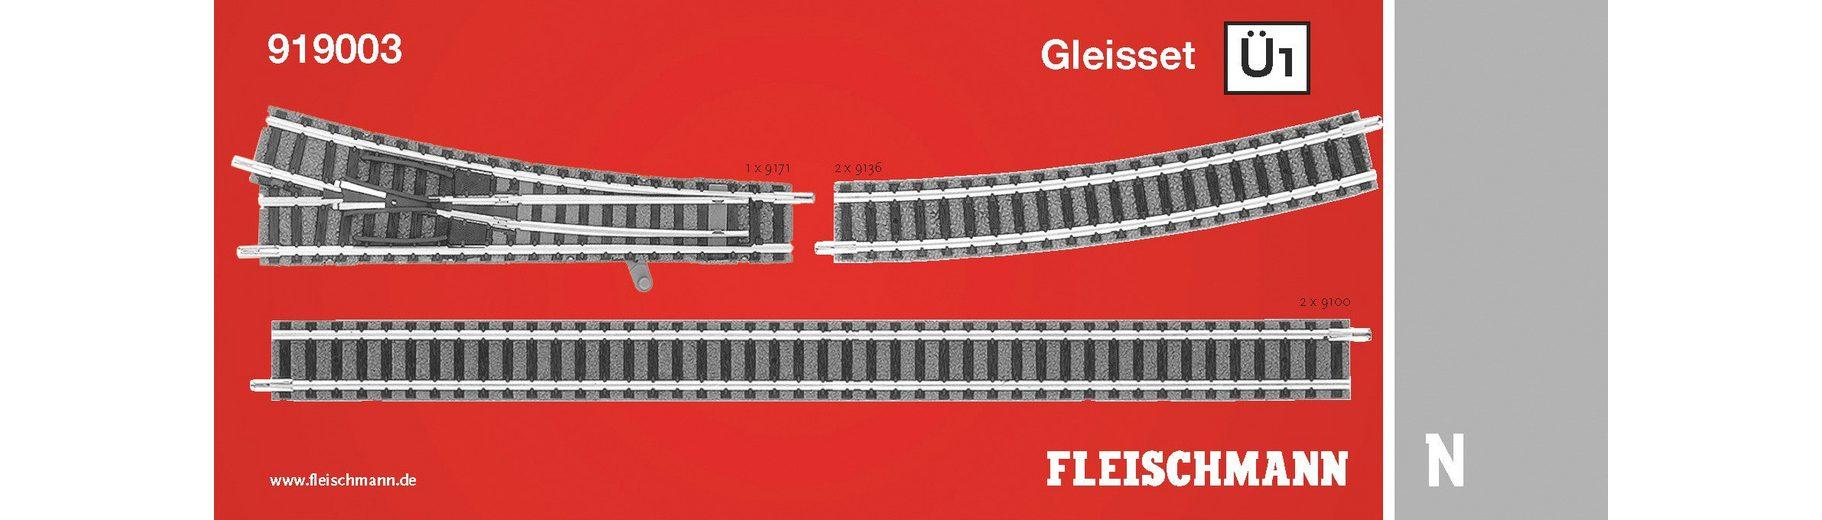 Fleischmann® Digitales Gleisset Spur N, »Ü1 - Gleichstrom«